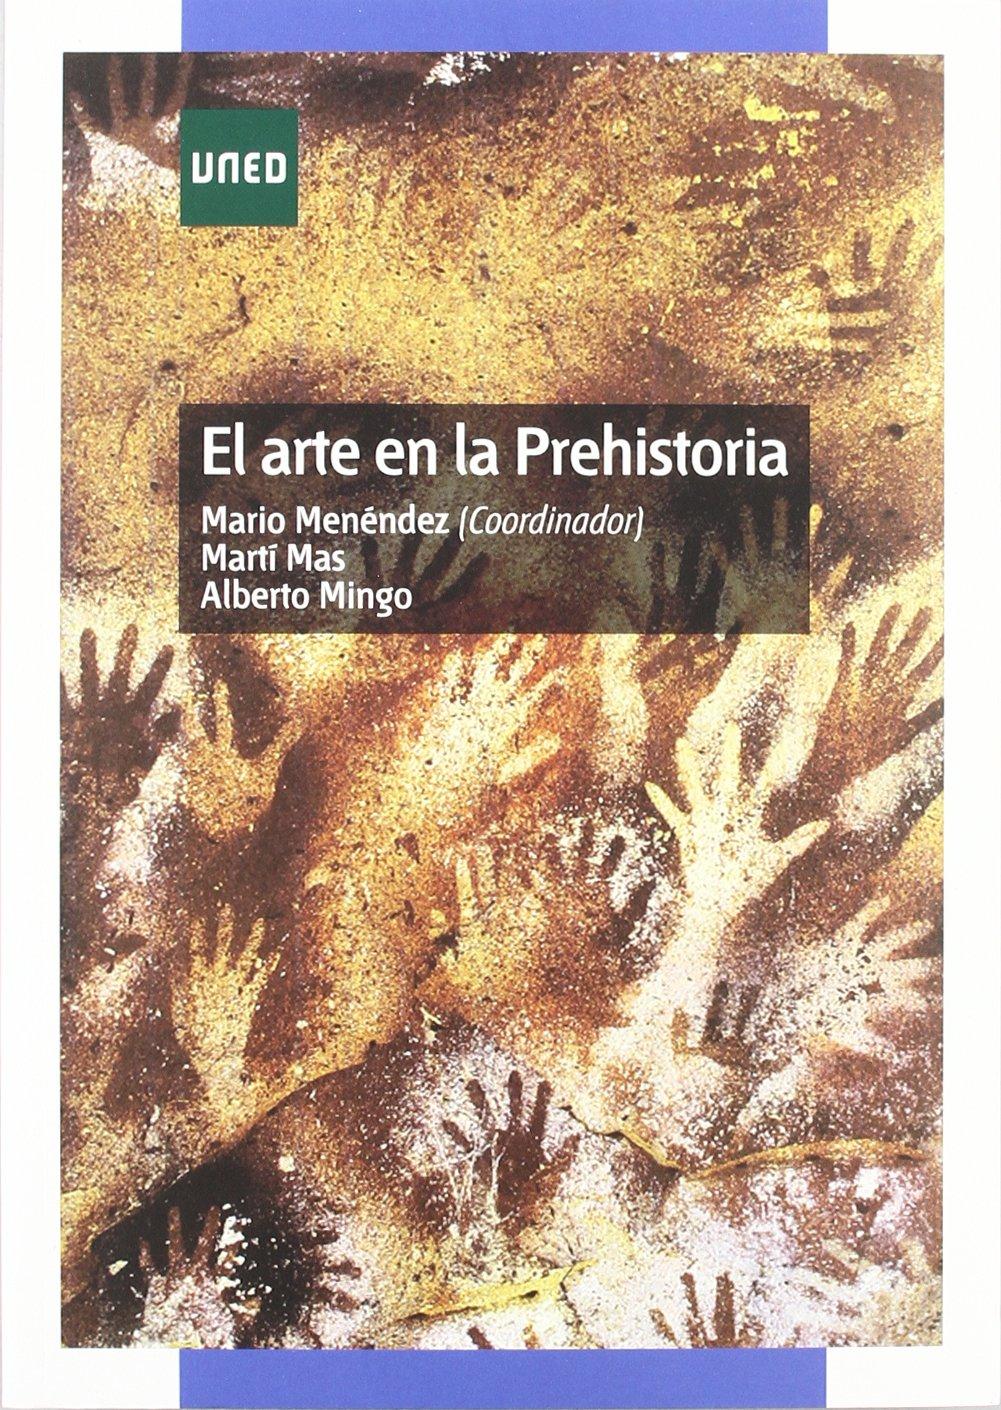 El Arte En La Prehistoria (GRADO): Amazon.es: Menéndez Fernández, Mario, Mas Cornellá, Martí, Mingo Álvarez, Alberto: Libros